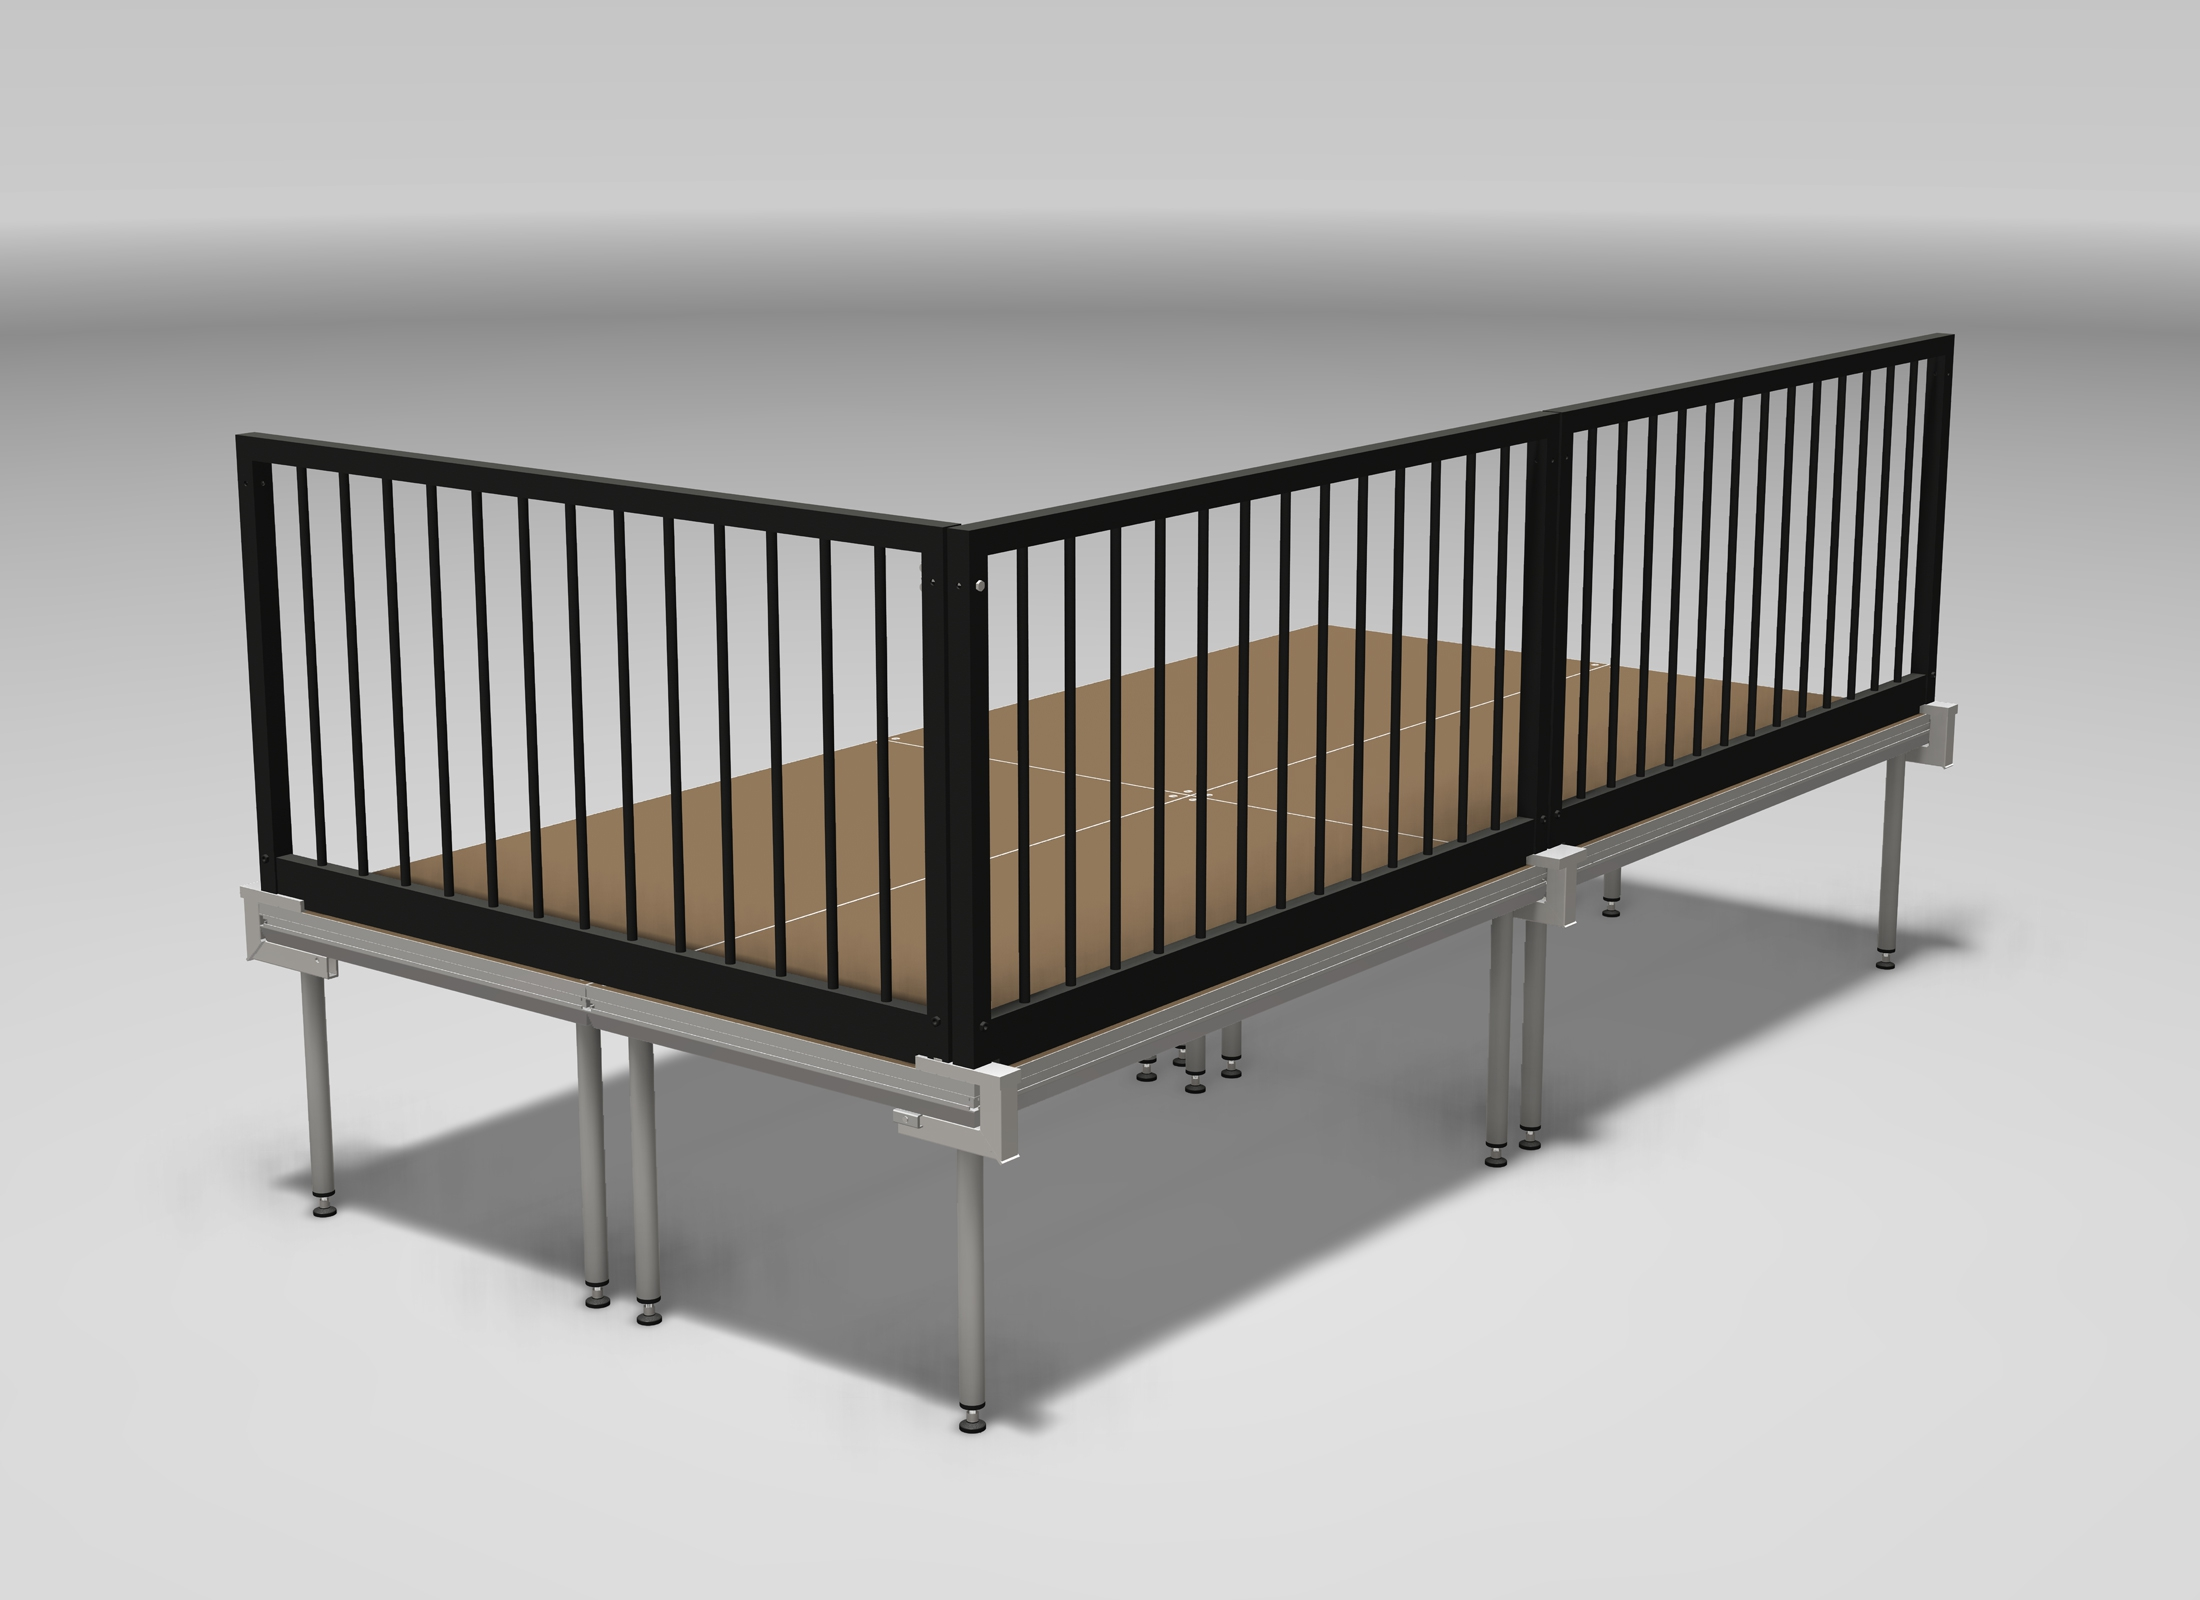 stagedex sm rail h l200 gel nder 200cm g nstig online kaufen bei huss licht ton. Black Bedroom Furniture Sets. Home Design Ideas